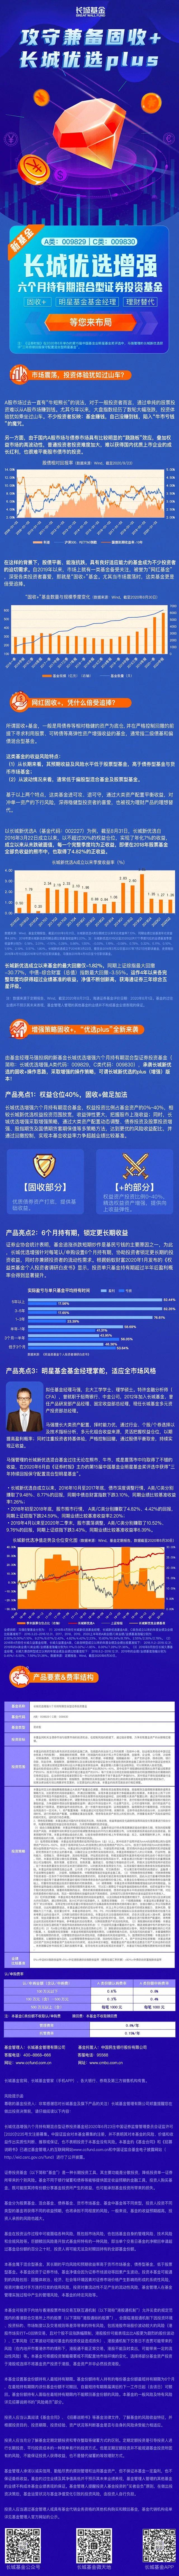 红包 | 一图读懂长城优选增强六个月持有期混合型基金